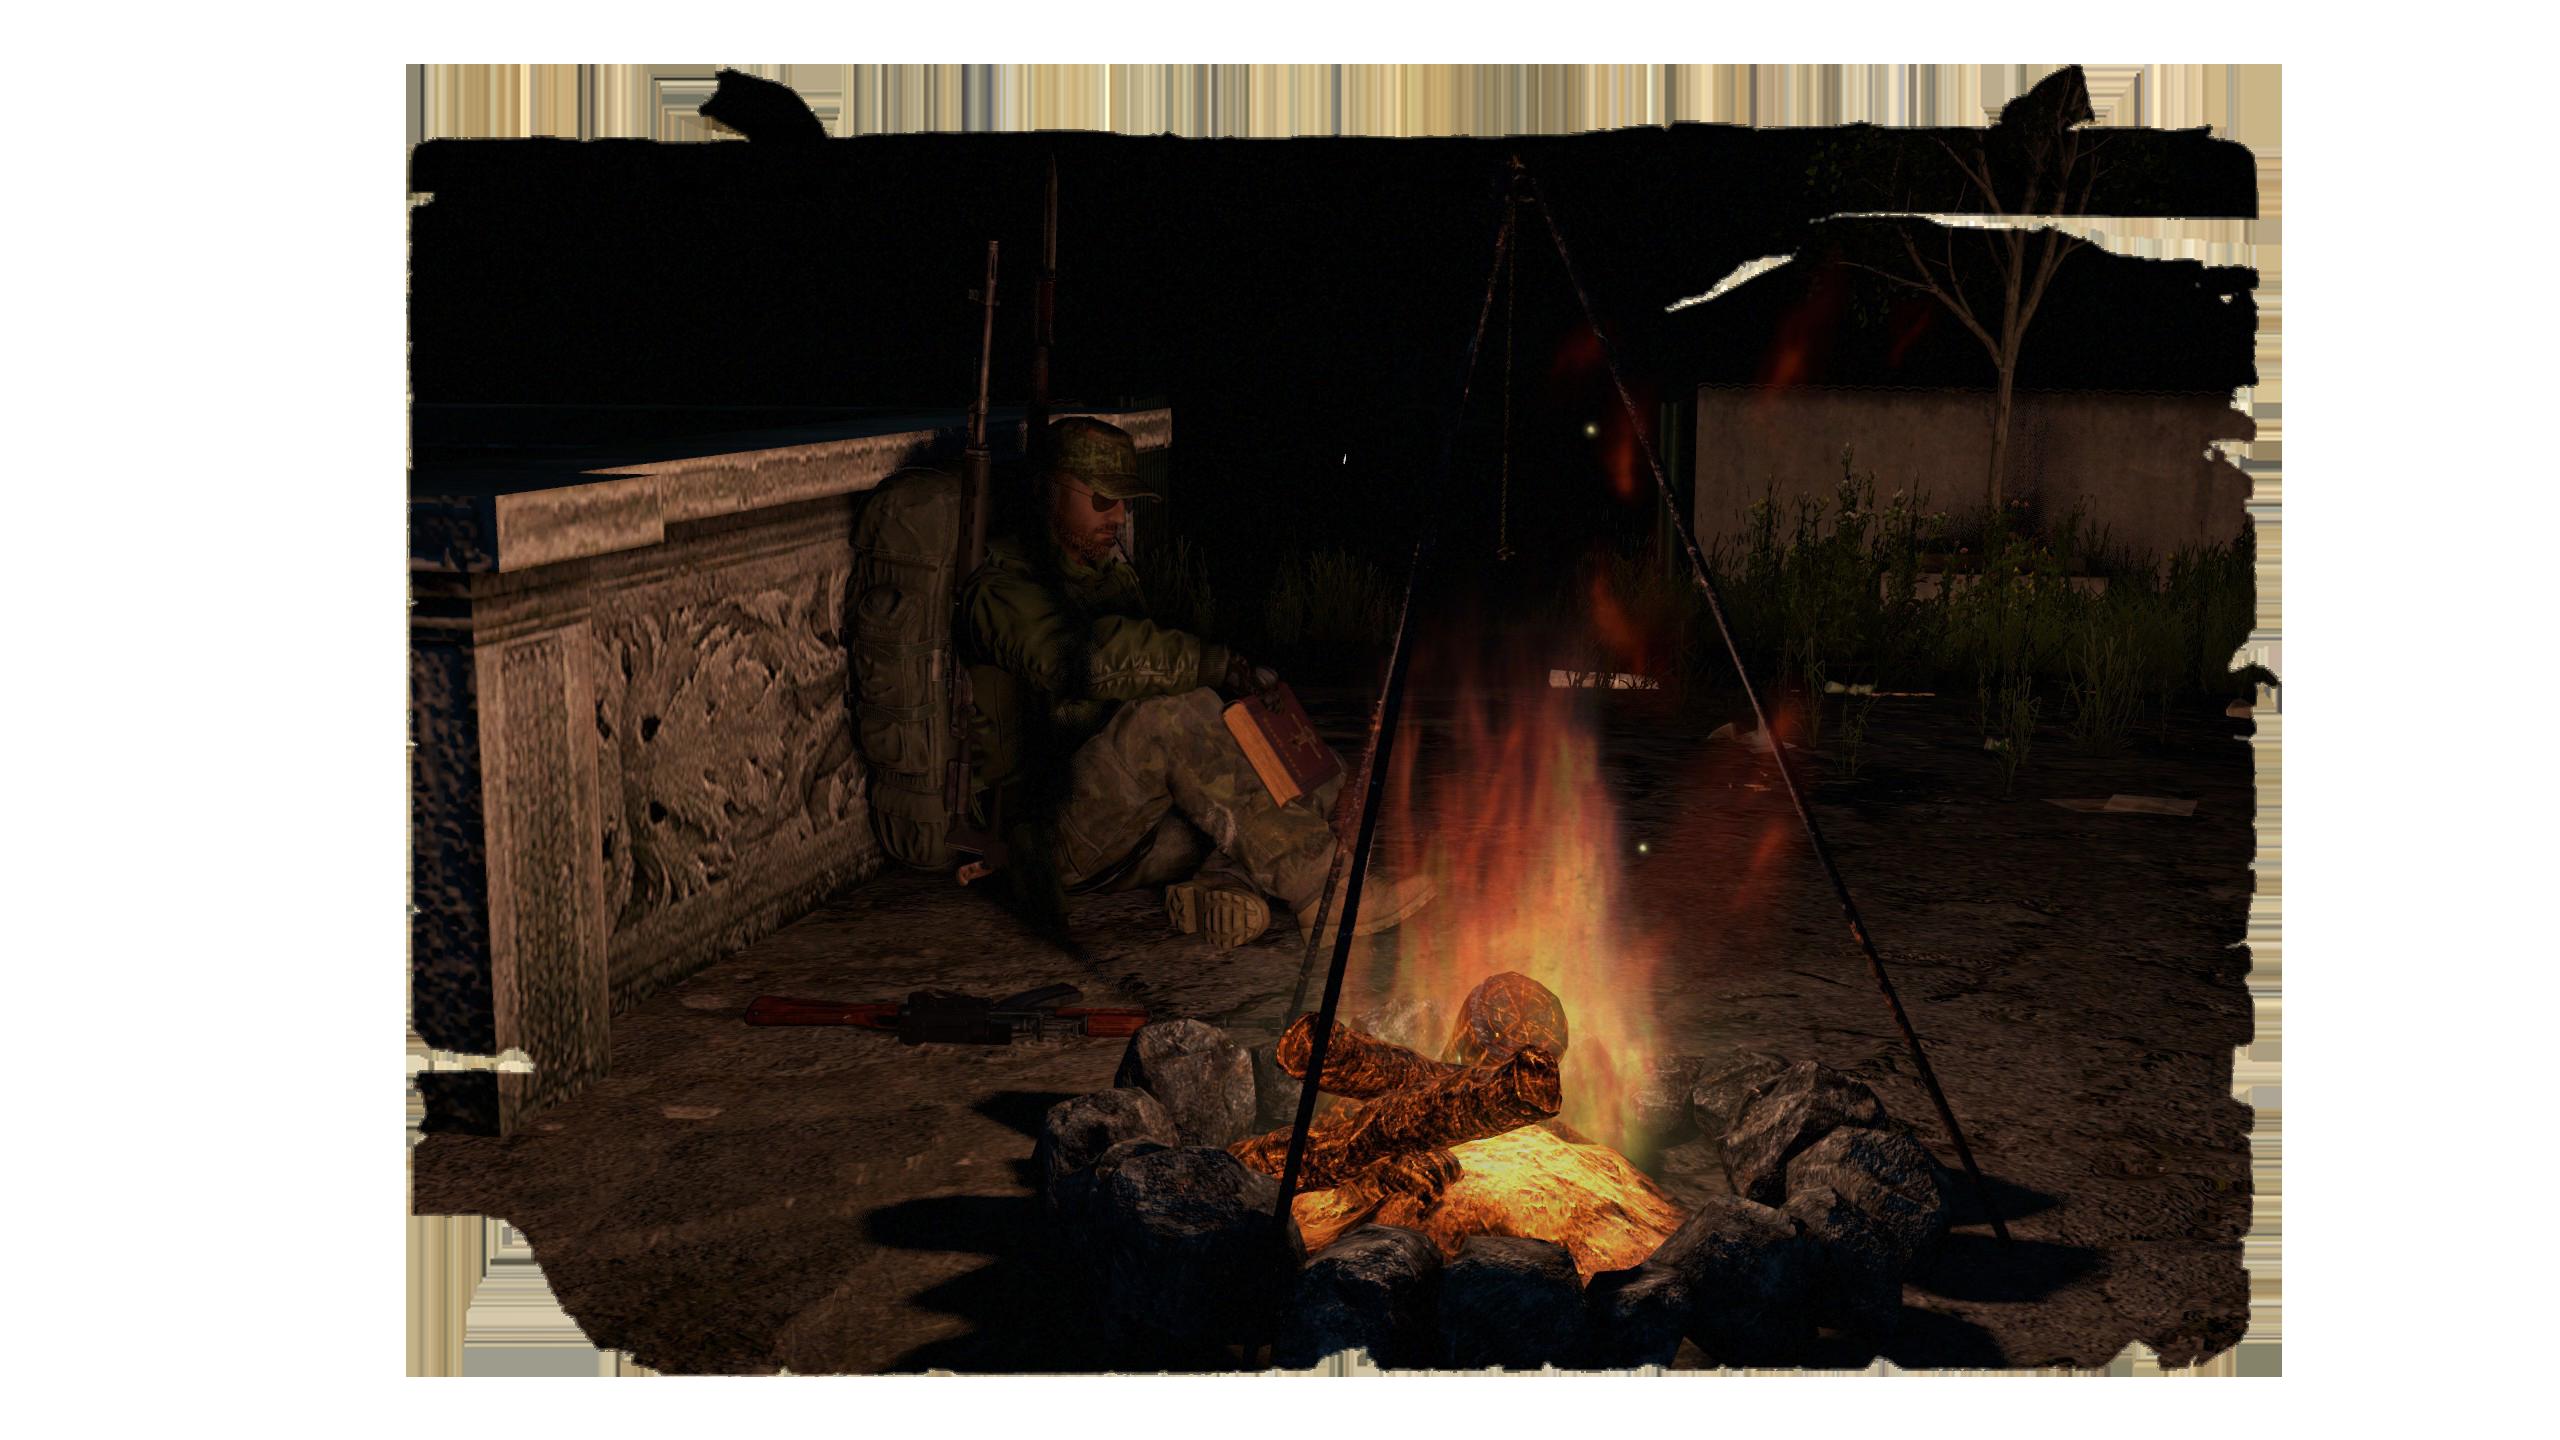 Dom_Campfire_edit.png.b72adaa422127265872727d3d46ce39f.png